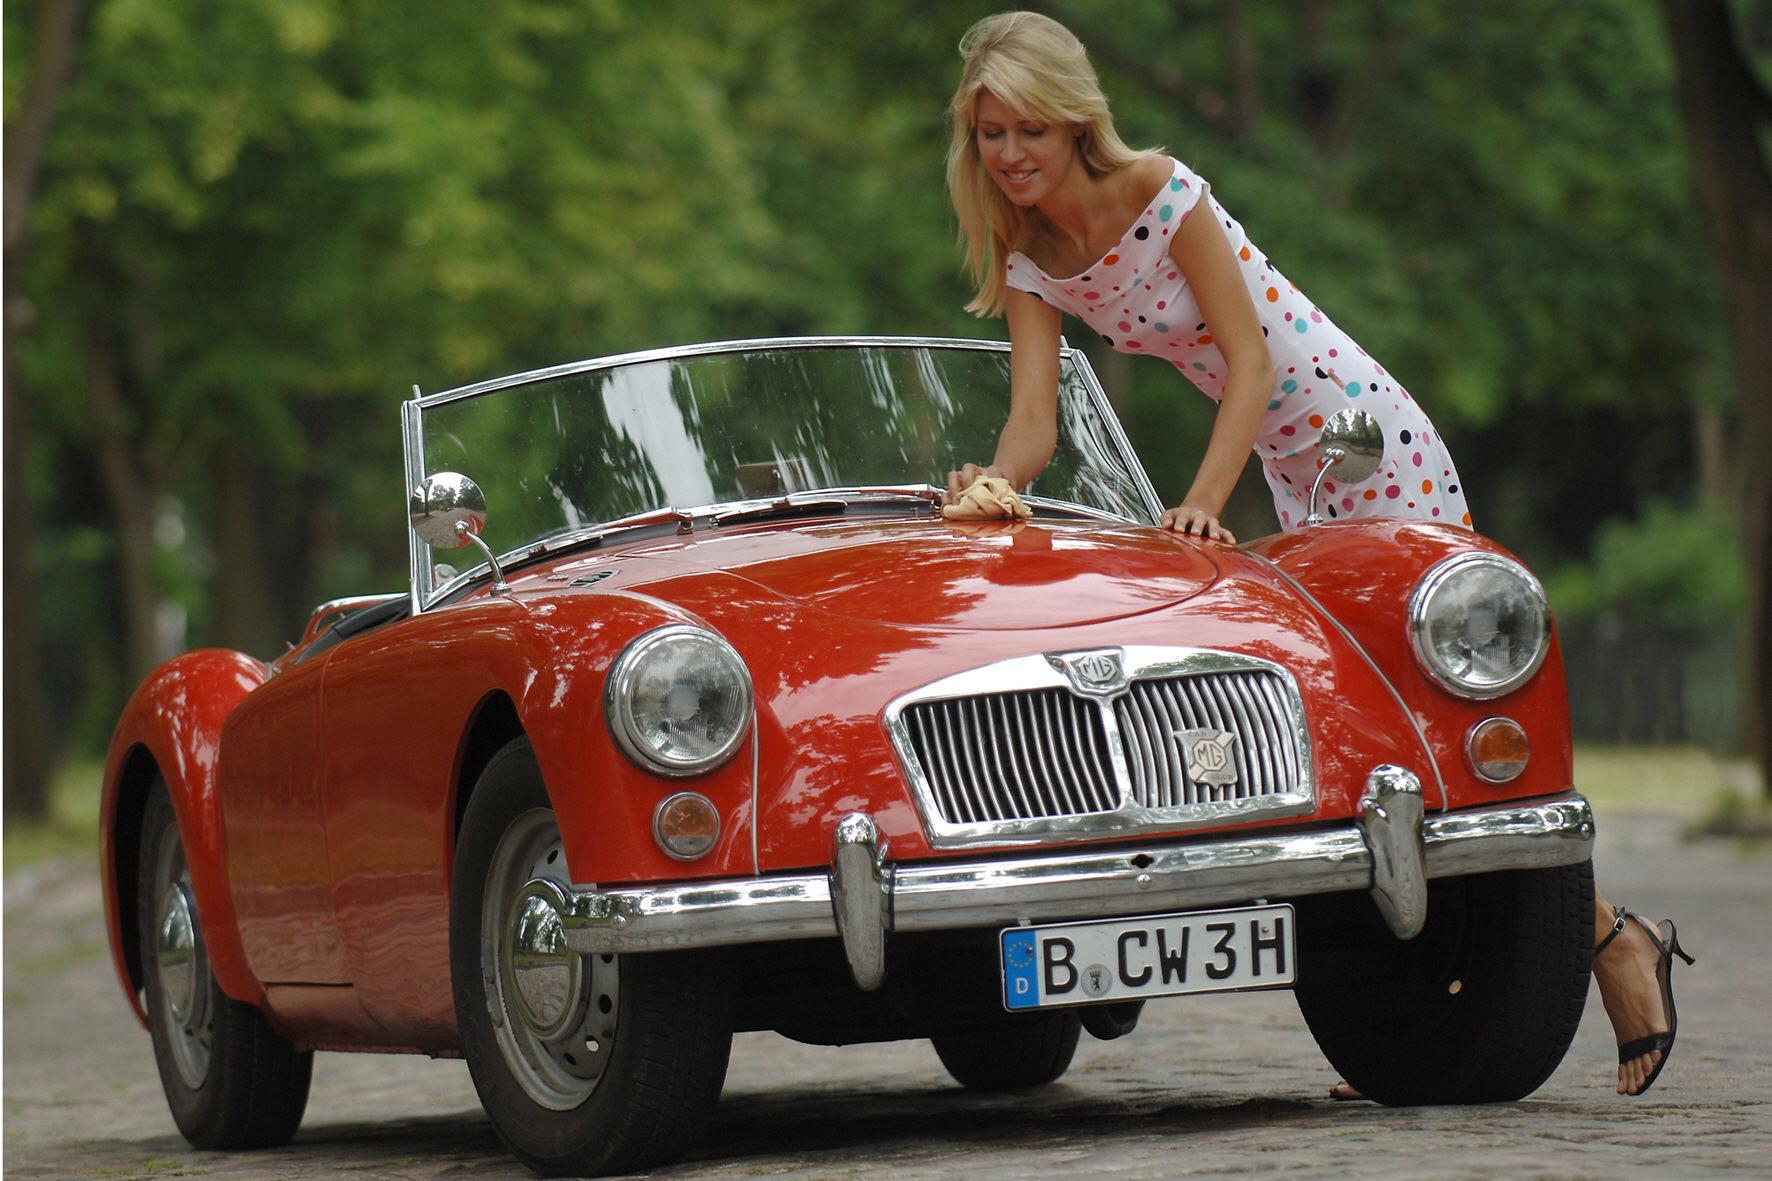 mid Groß-Gerau - Wenn das keine Liebe ist: Gleich 29 Prozent der Frauen sprechen laut einer Umfrage mit ihrem Auto.